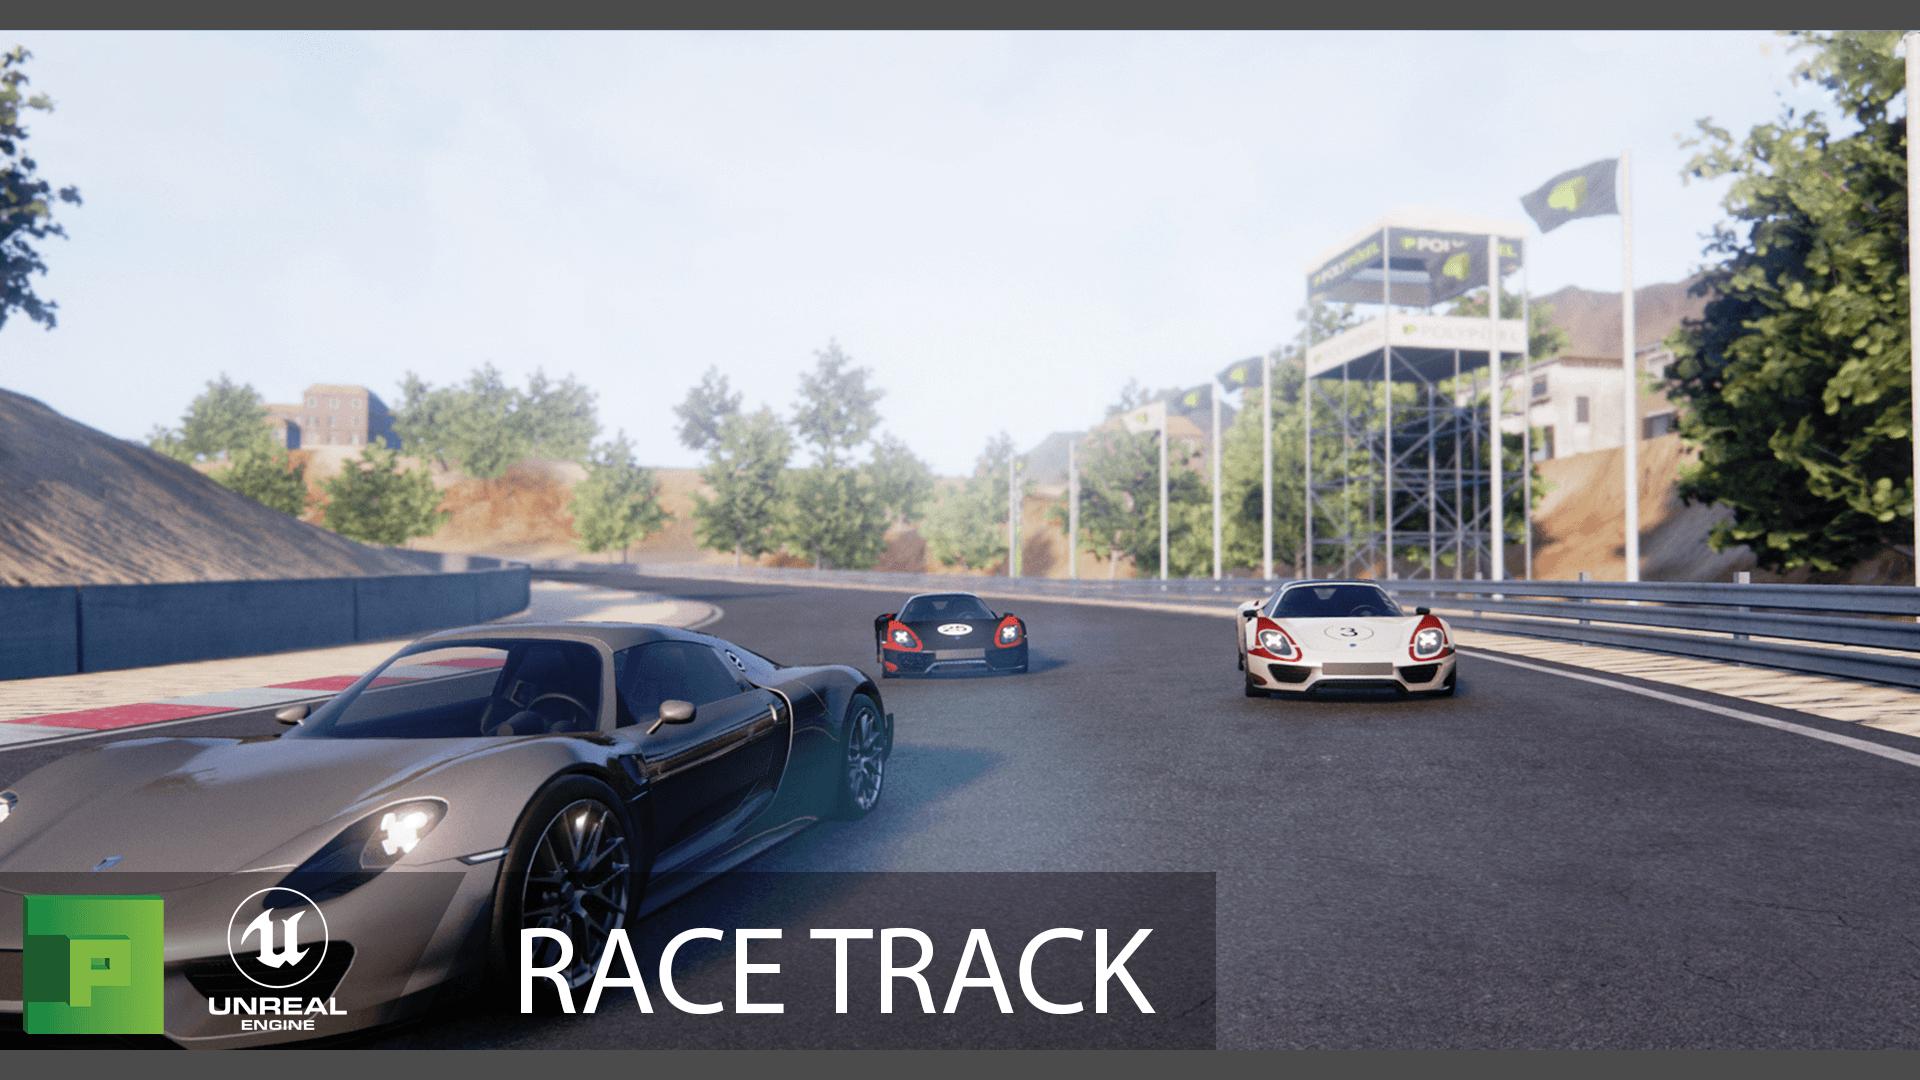 RaceTrack_05